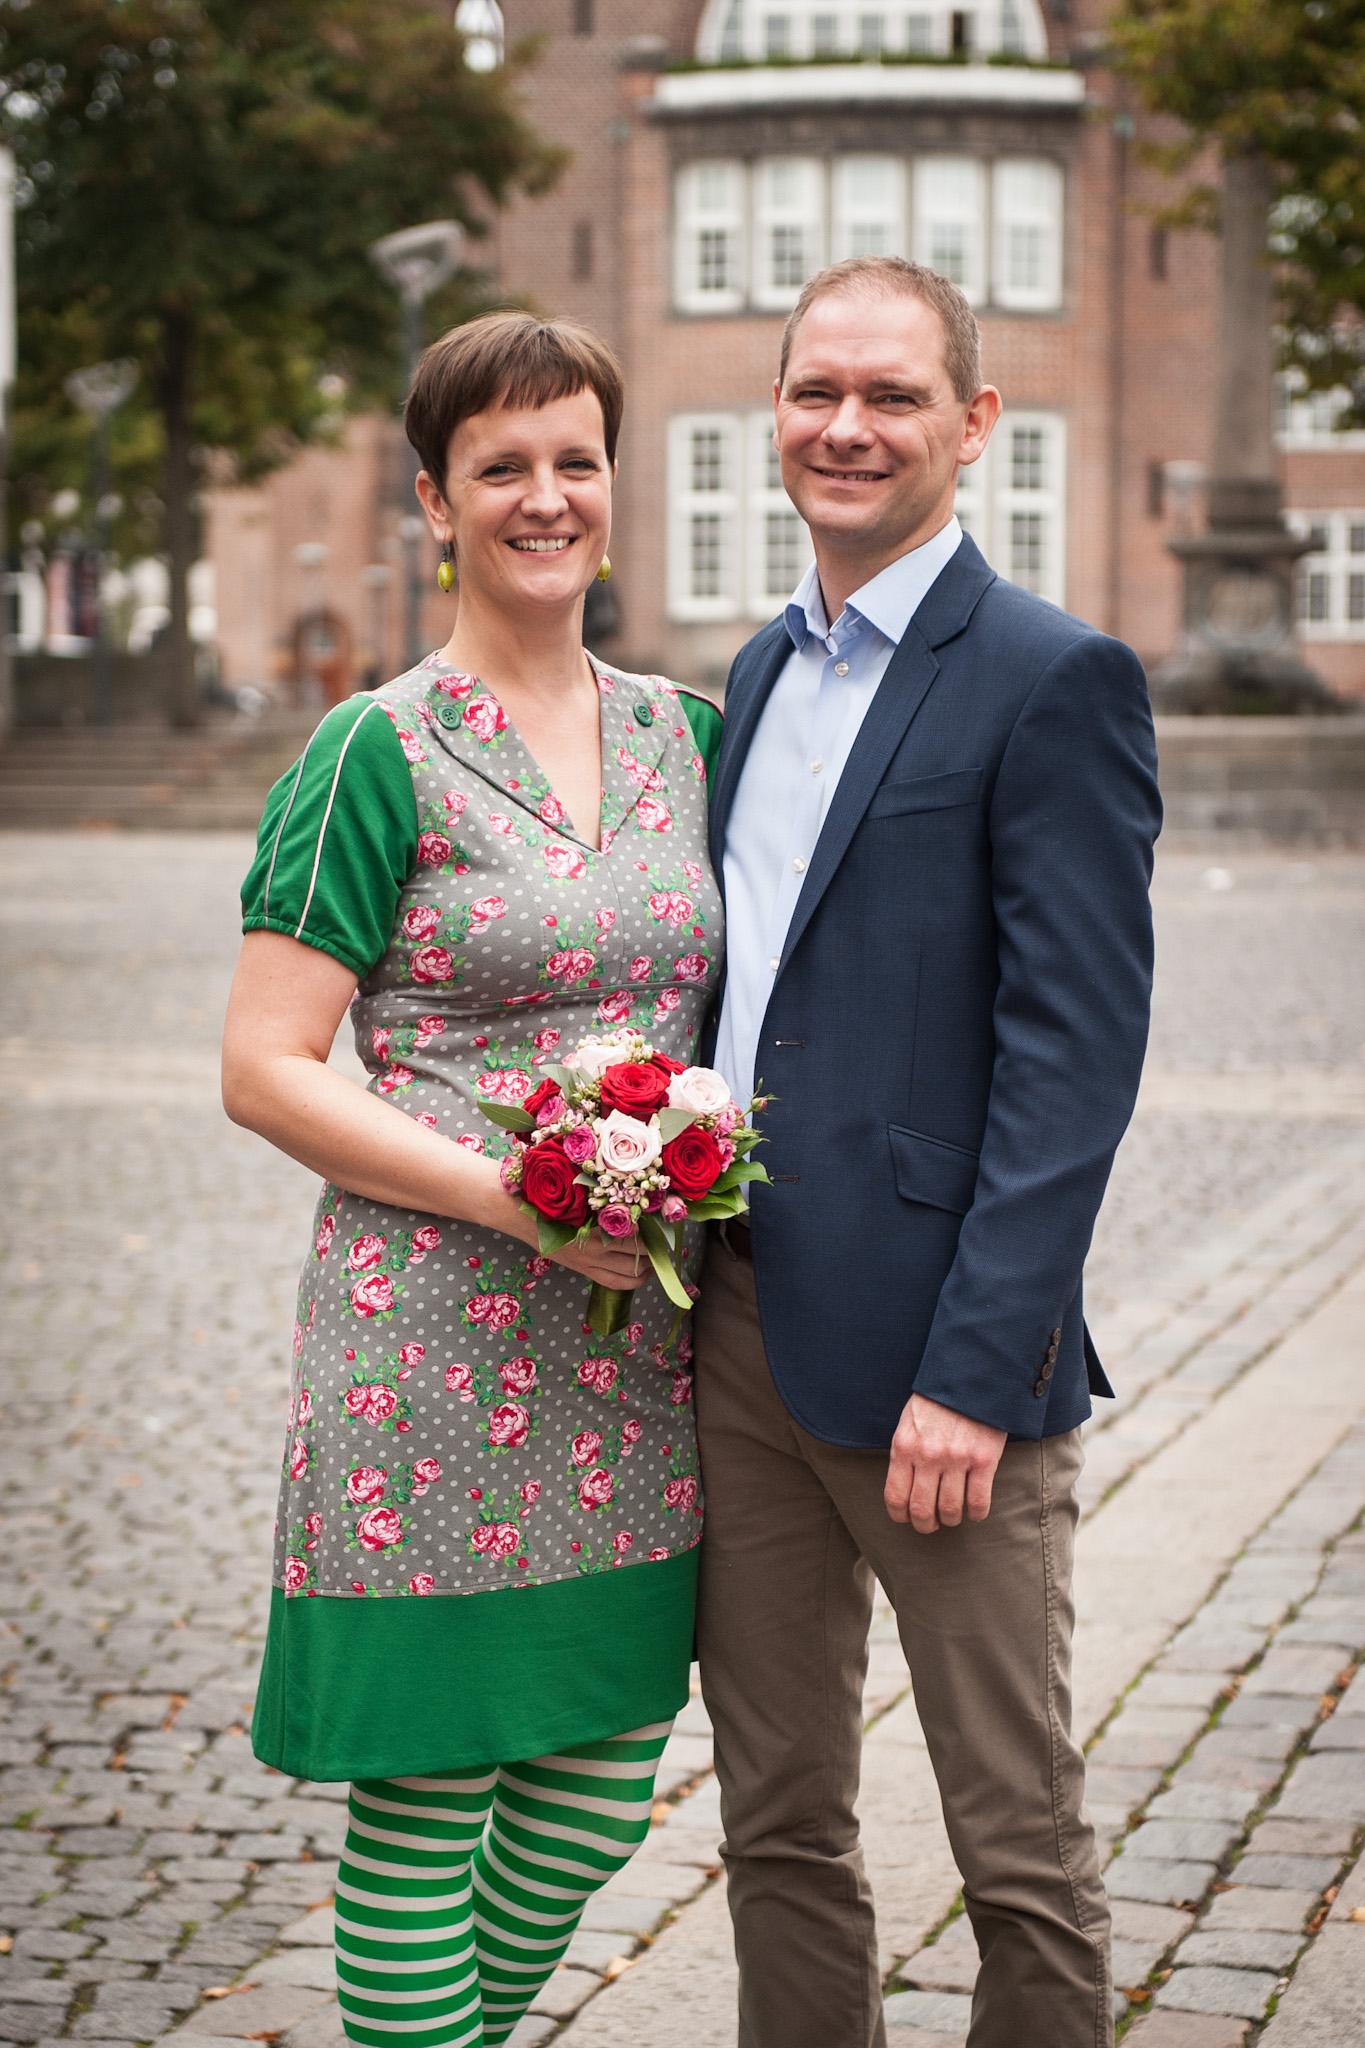 Bryllup_VibekePedersen_14